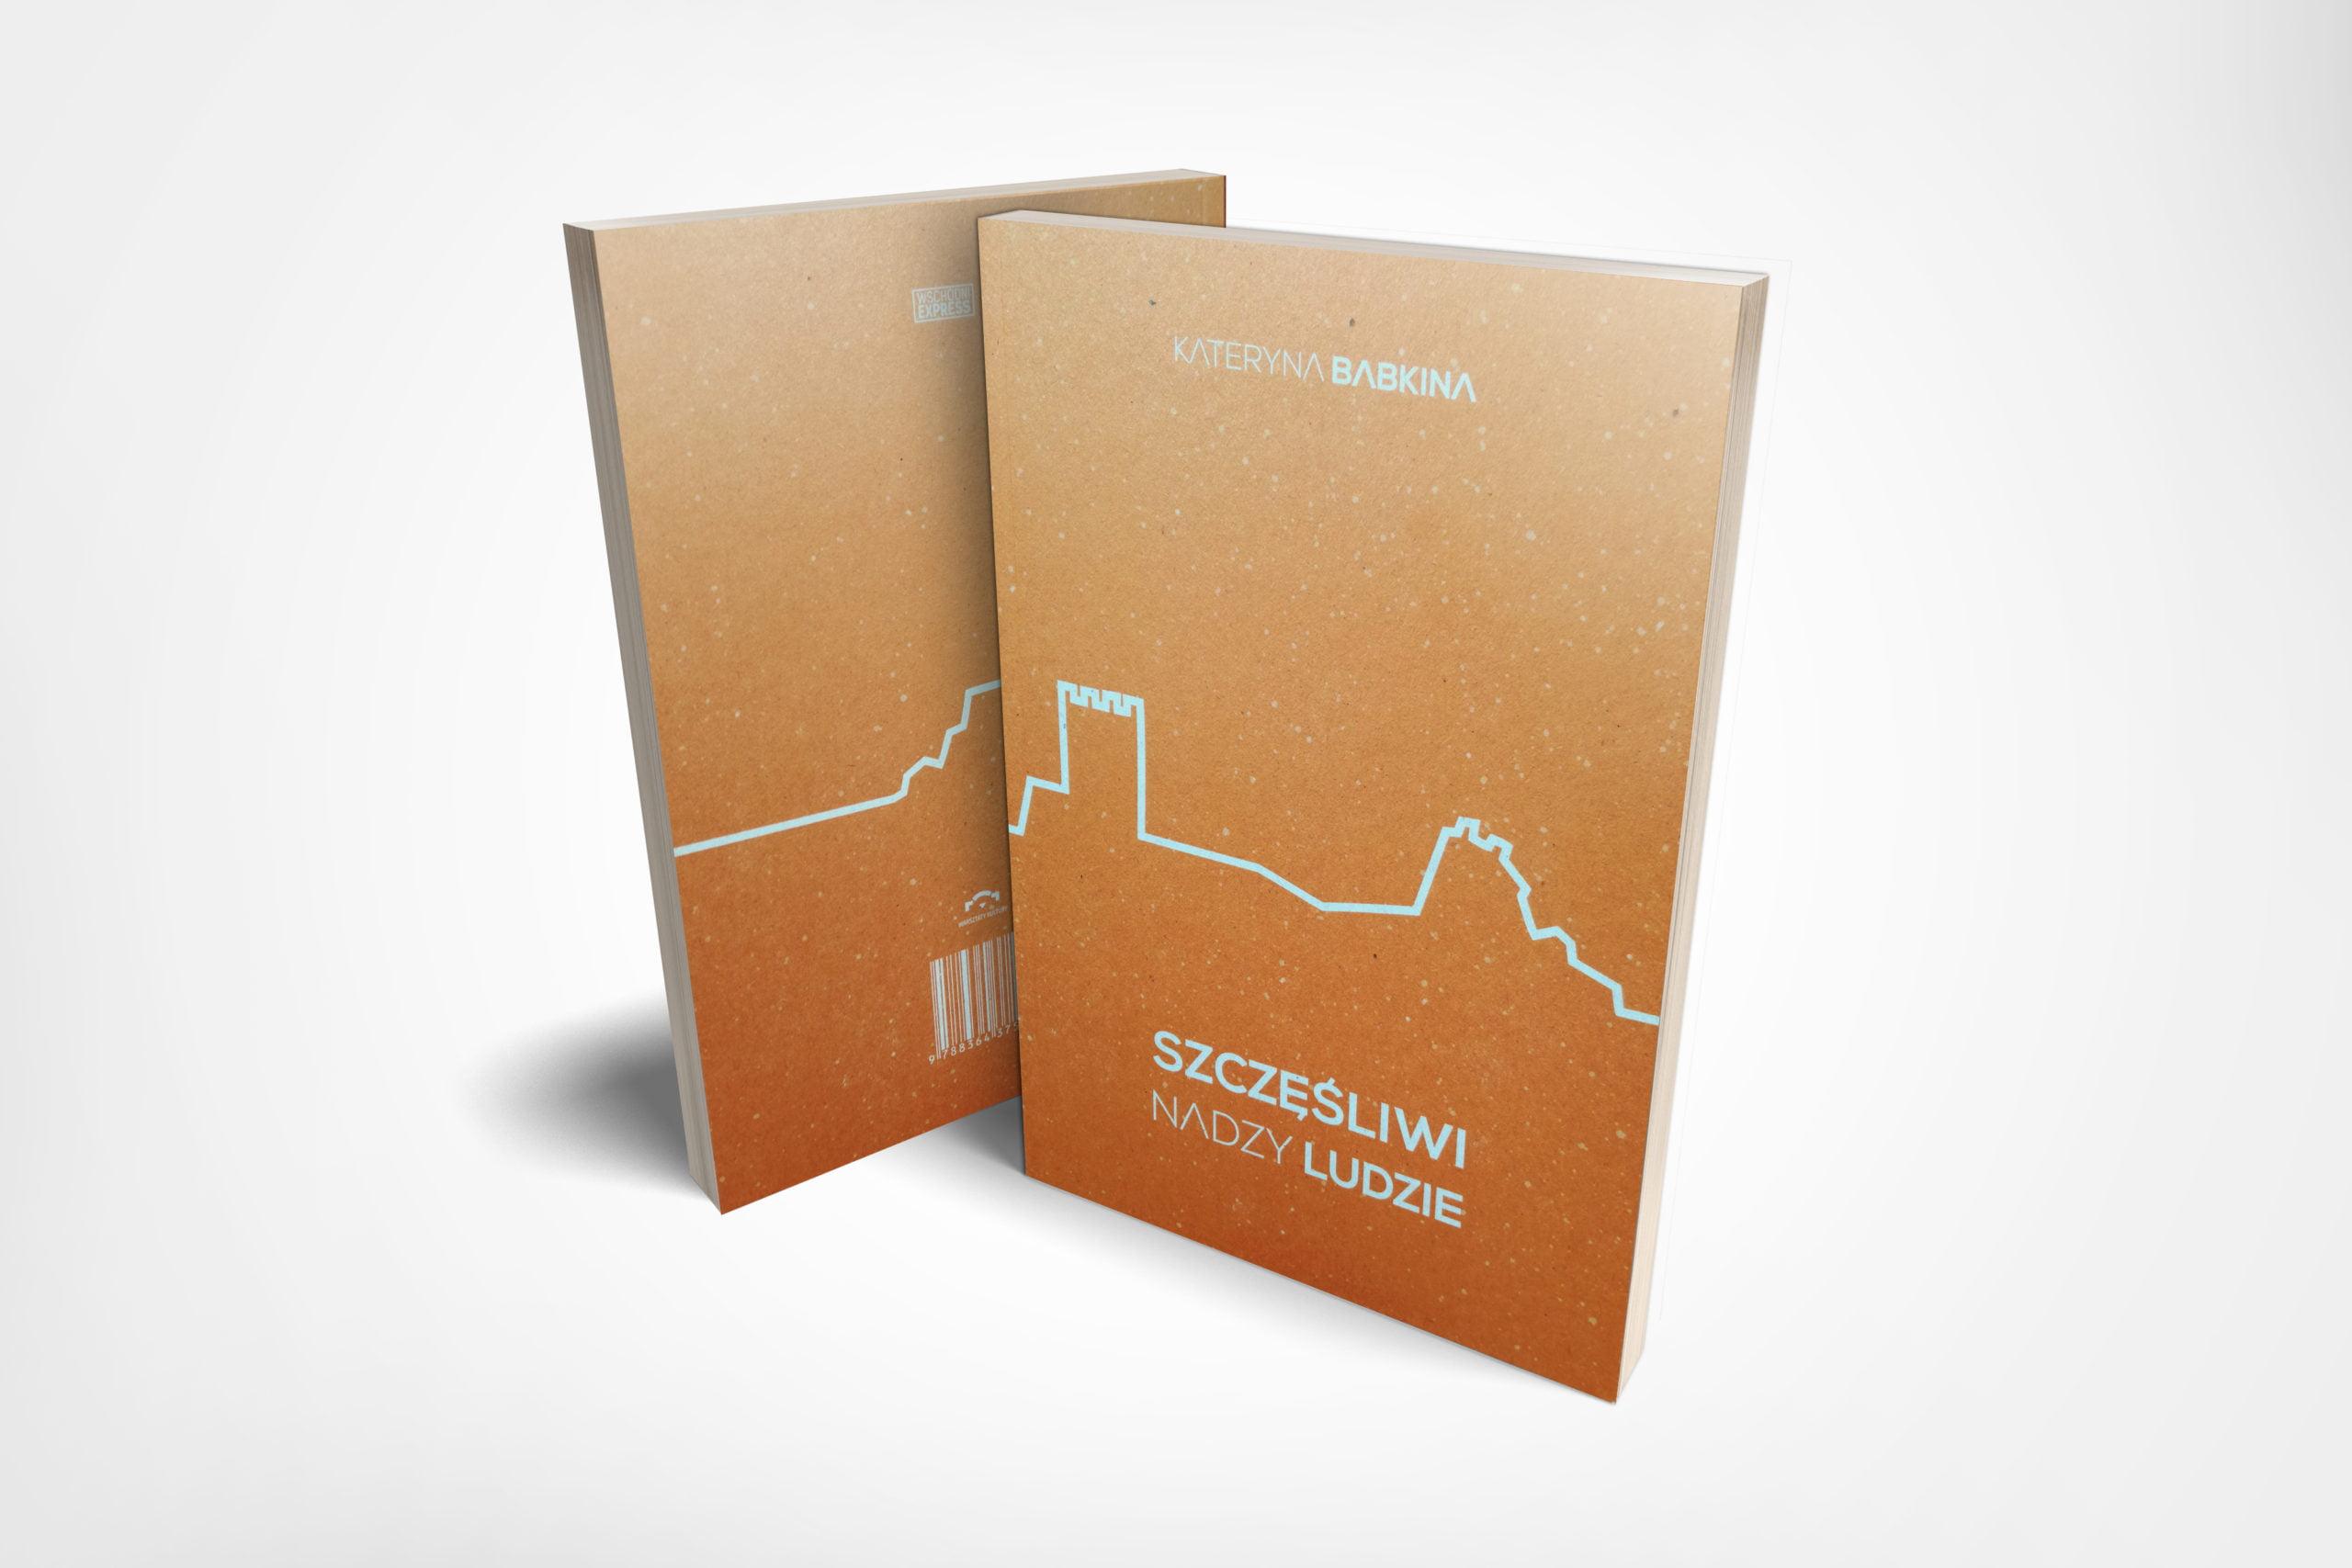 Książka Szczęśliwi Nadzy ludzie Kateryny Babkiny